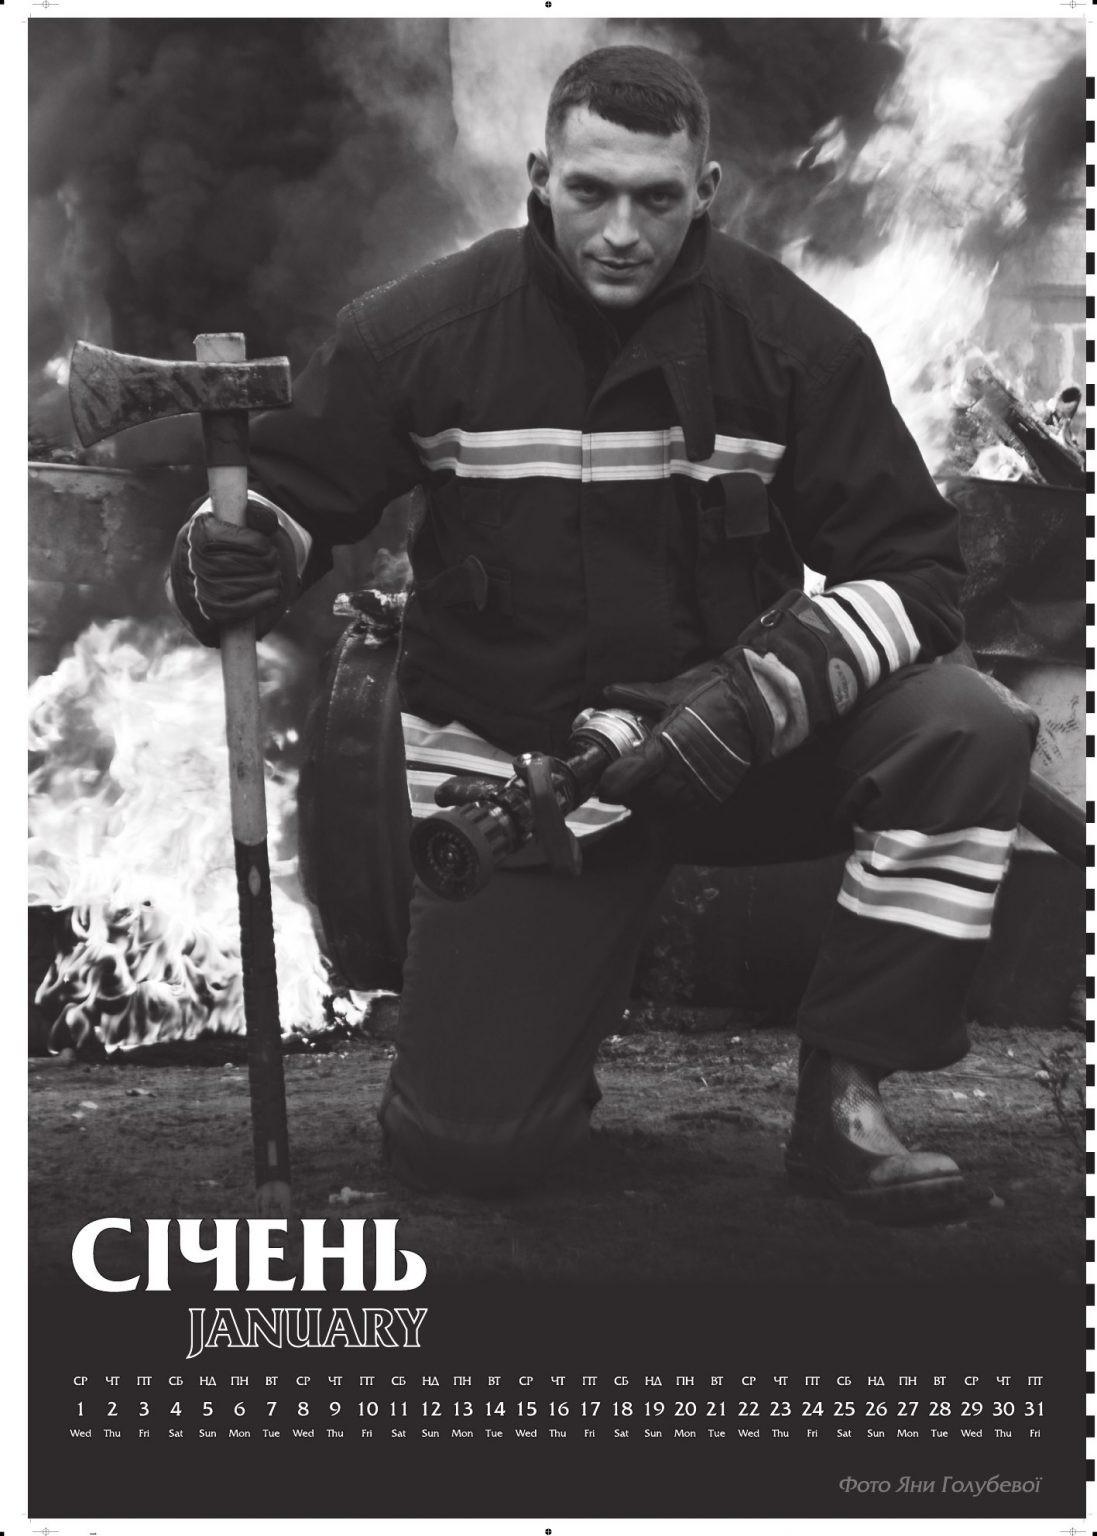 Календарь на 2020 год с фотографиями героев-спасателей киевских пожарных